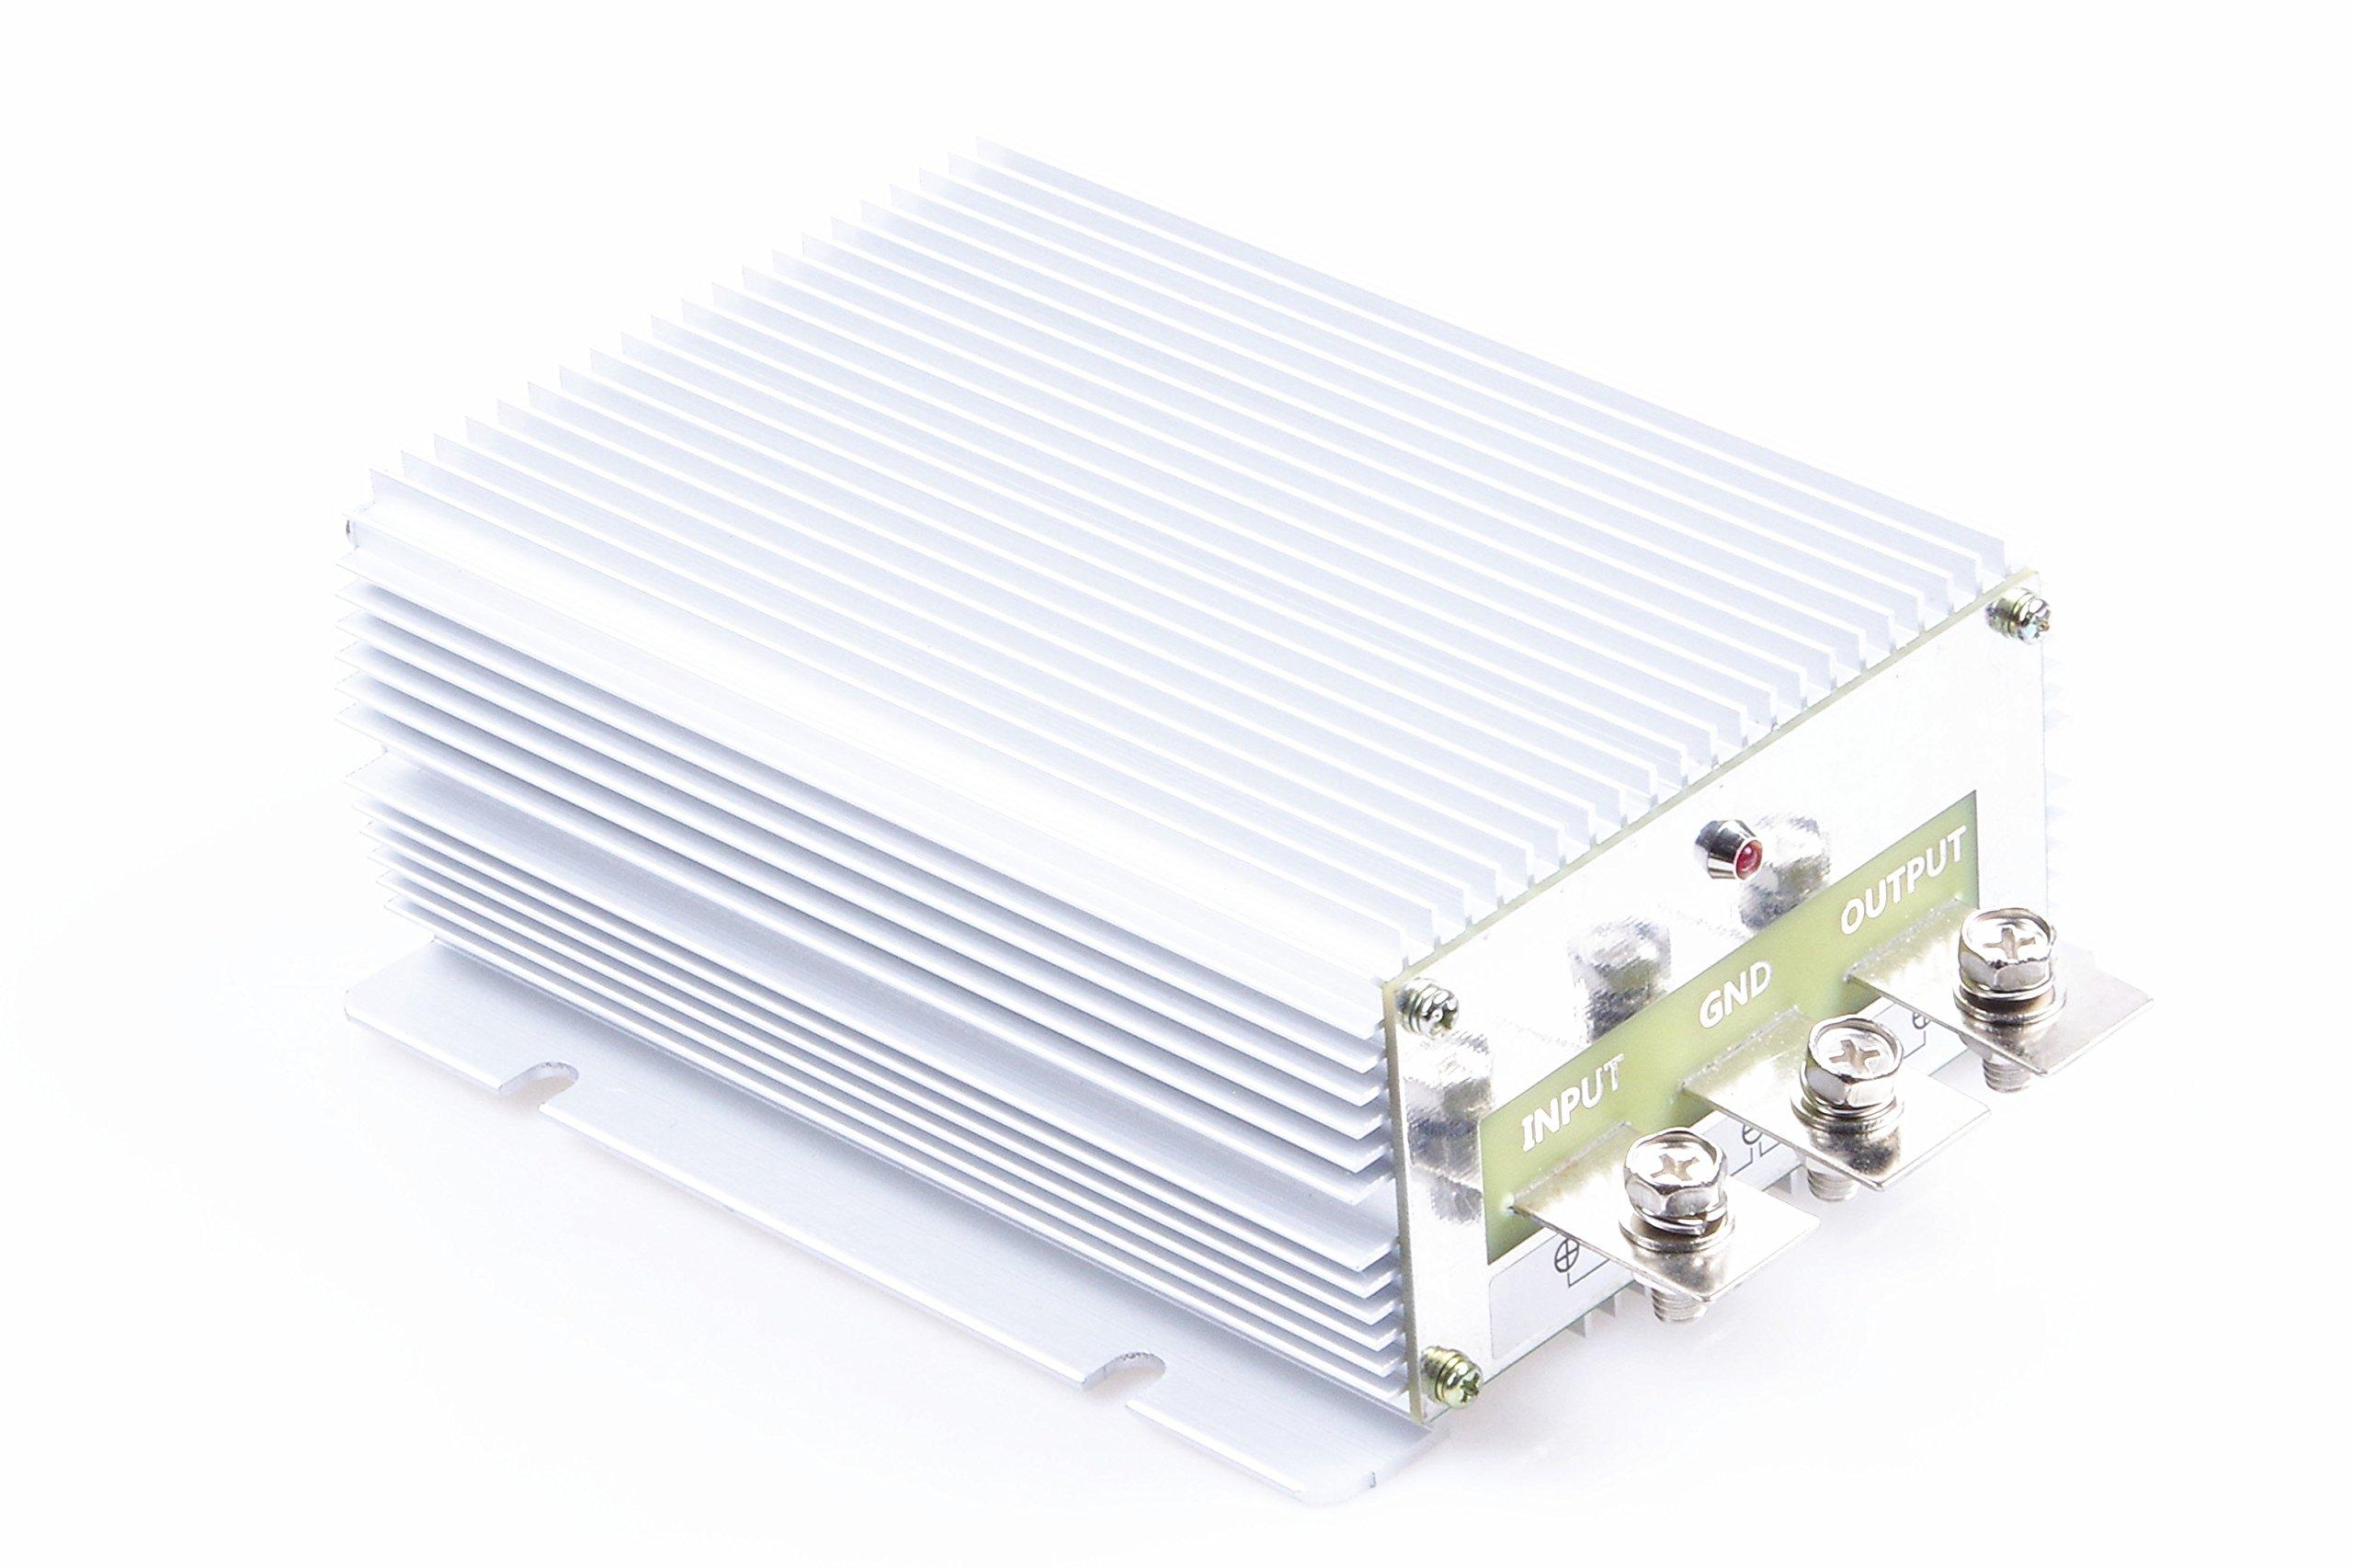 Waterproof DC/DC 24V Step Up to 48V 20A Voltage Boost Converter Regulator Transformer Power Supply (IN DC 24V (18-32V), 48V 20A)